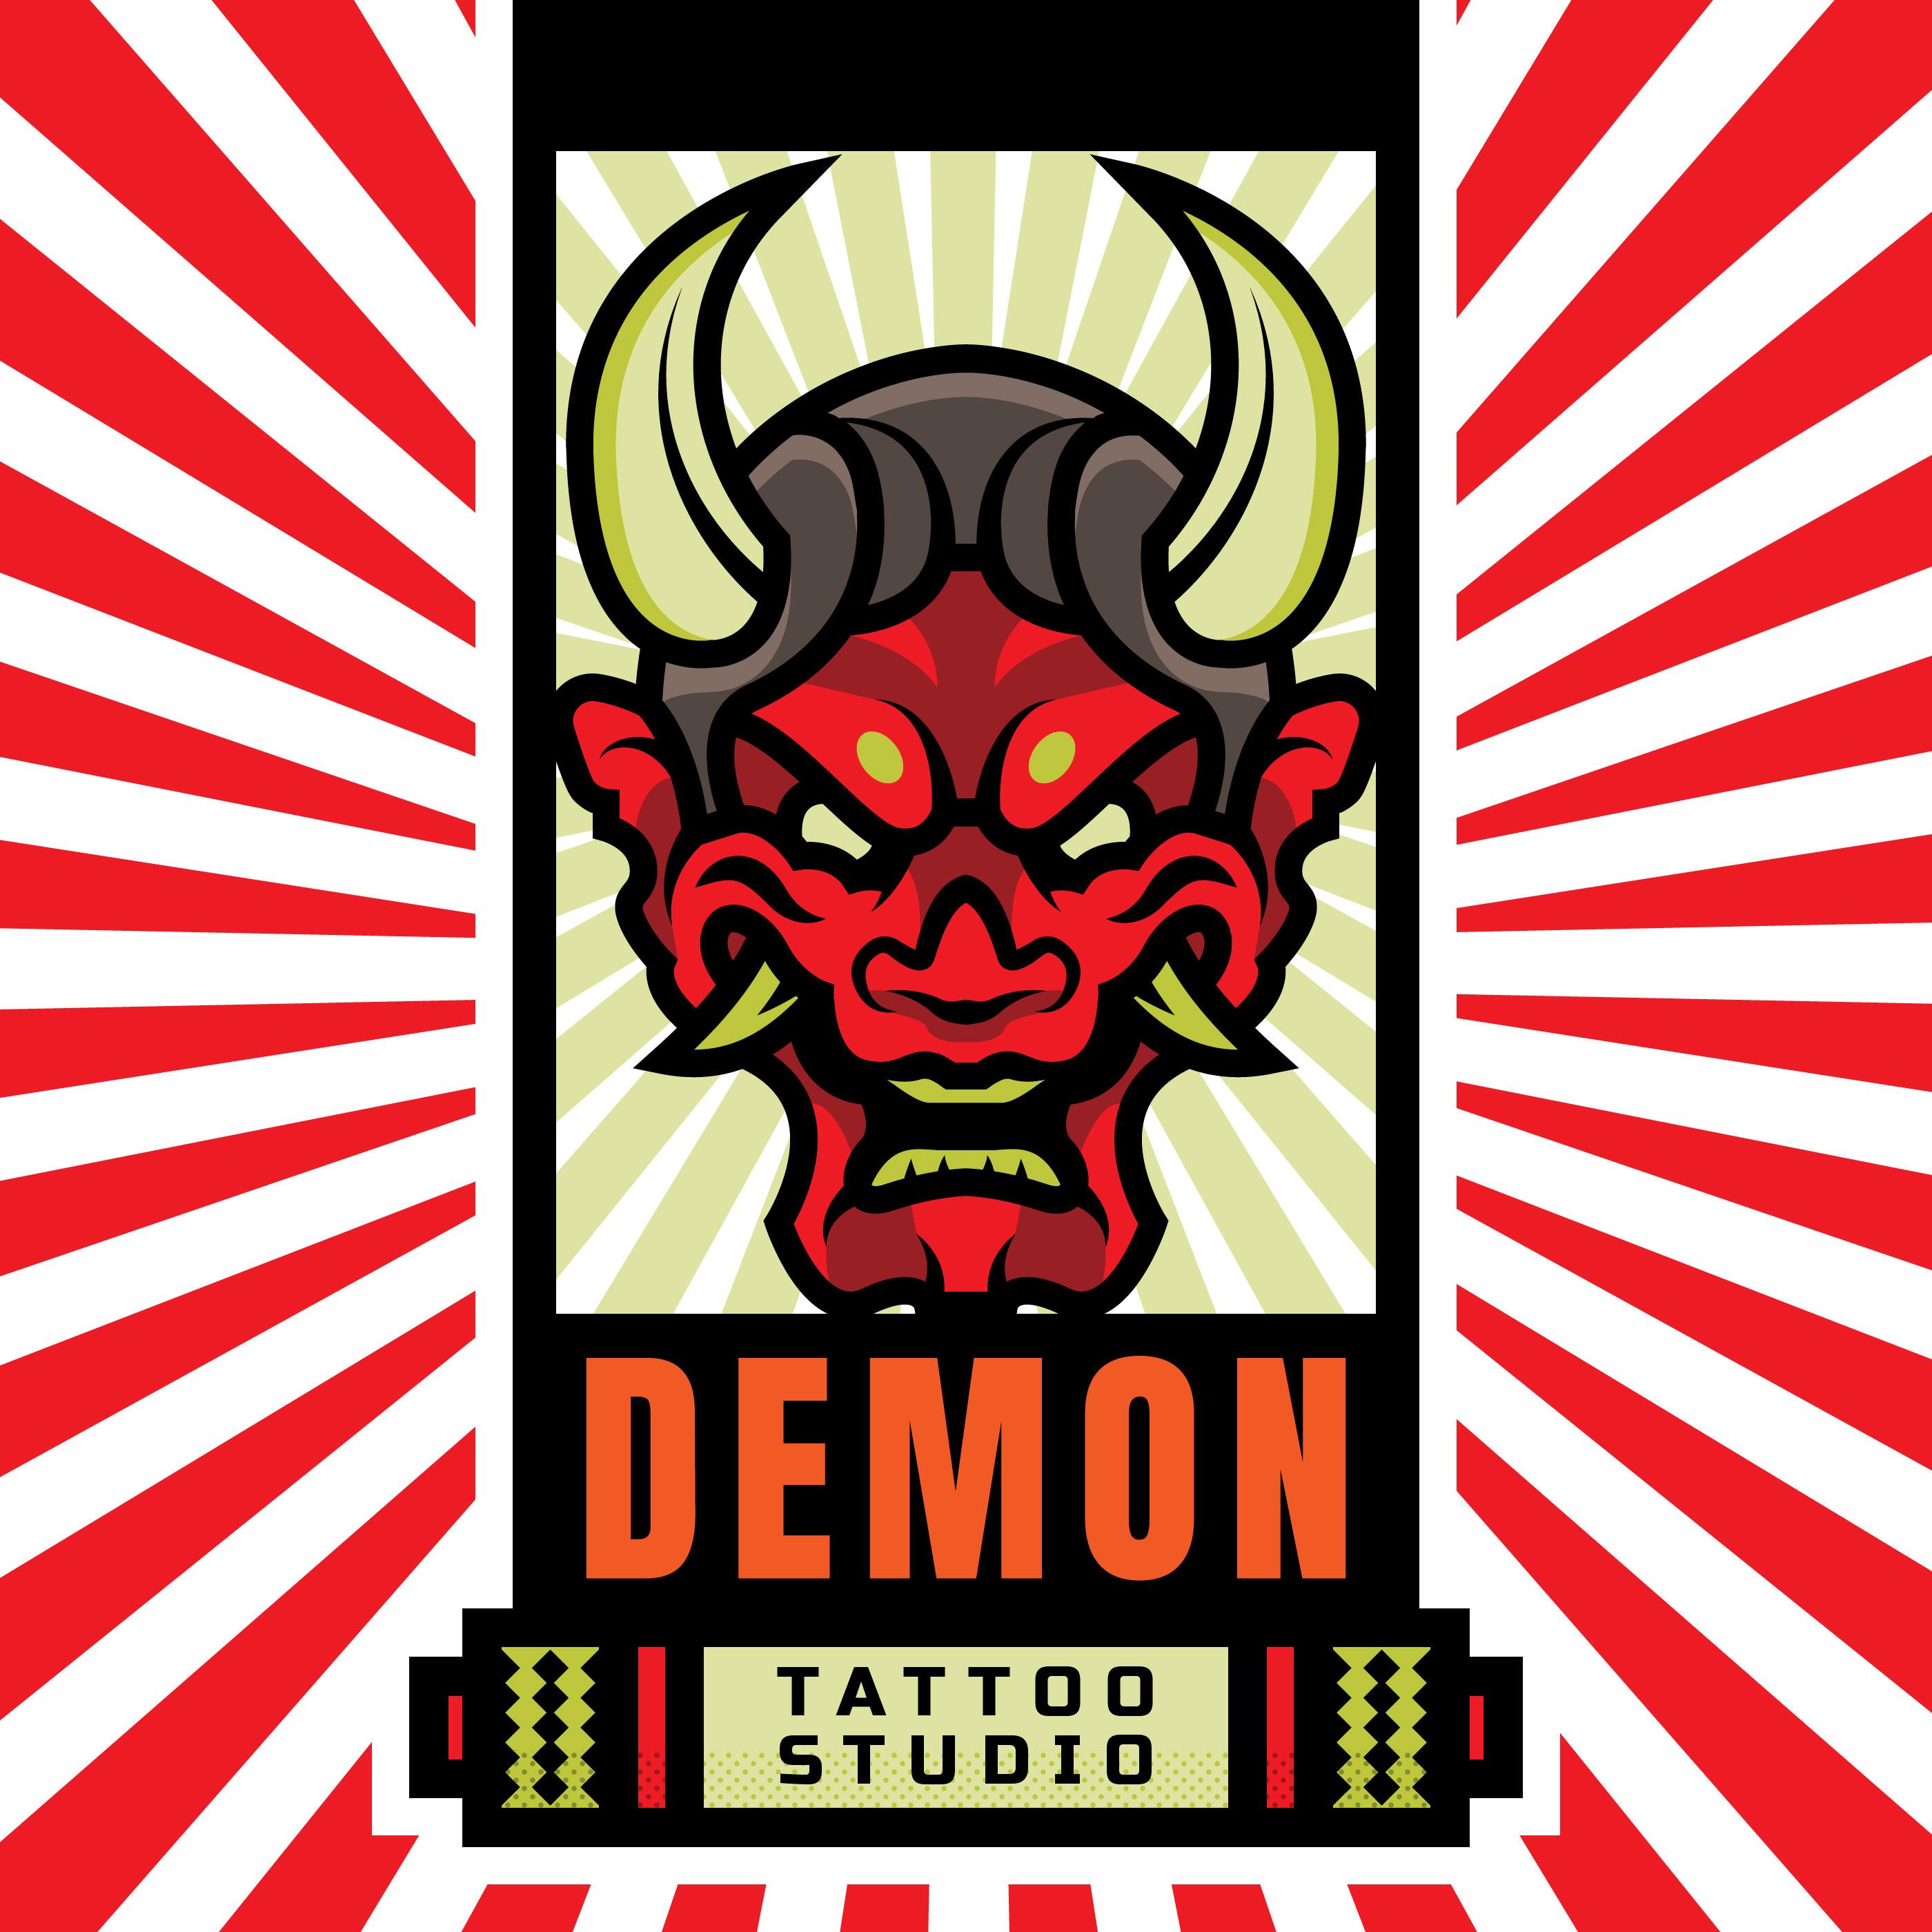 japanese demon mask tattoo studio logo download free